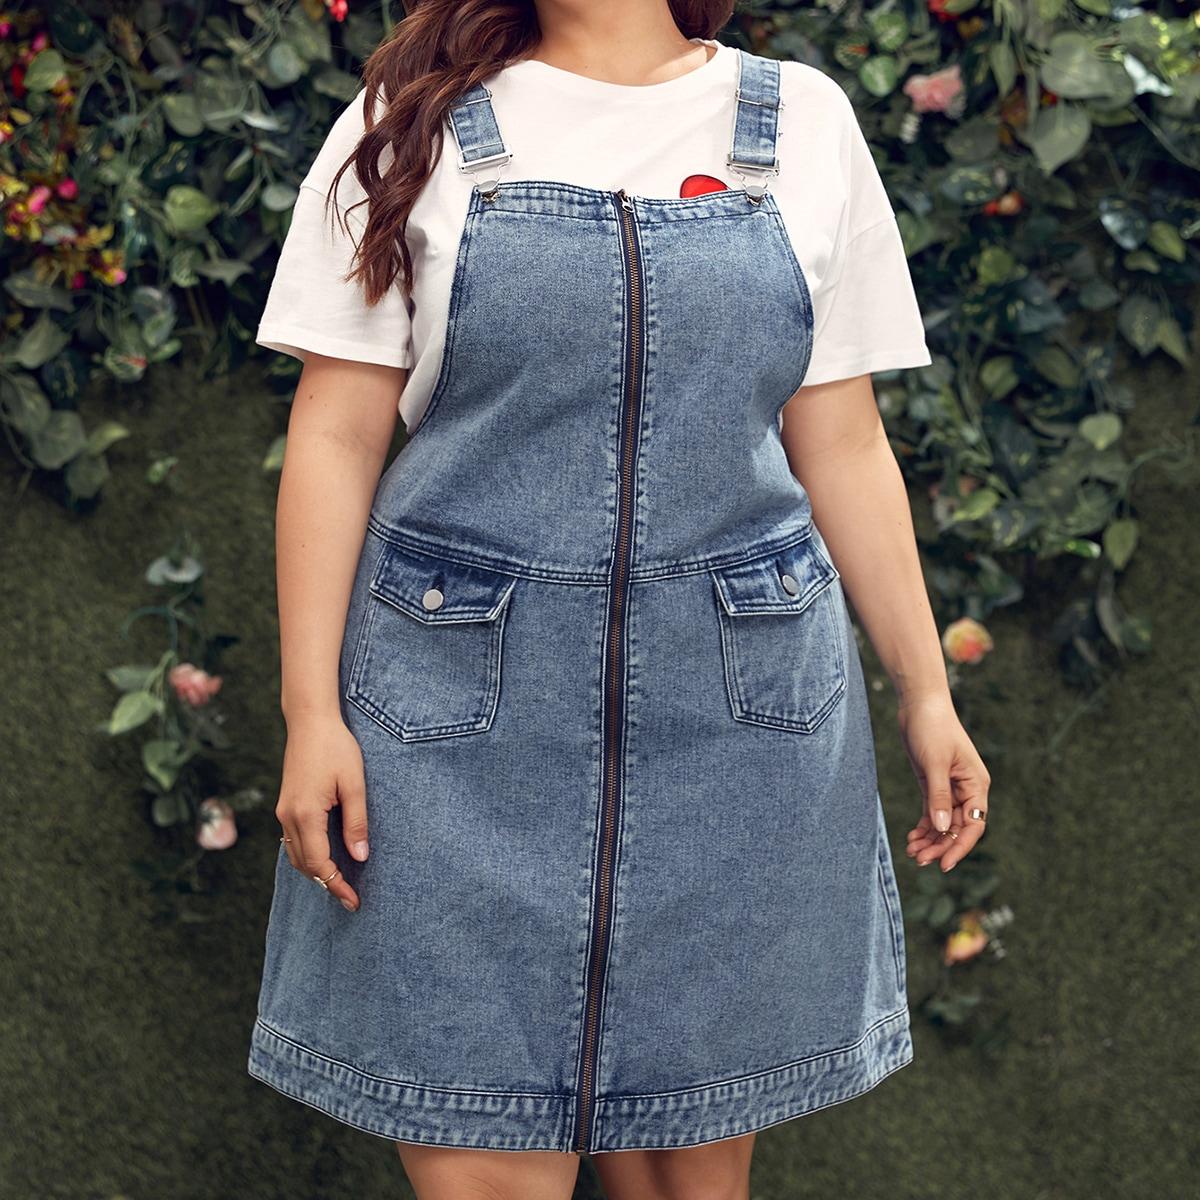 Джинсовое платье размера плюс на молнии с карманом